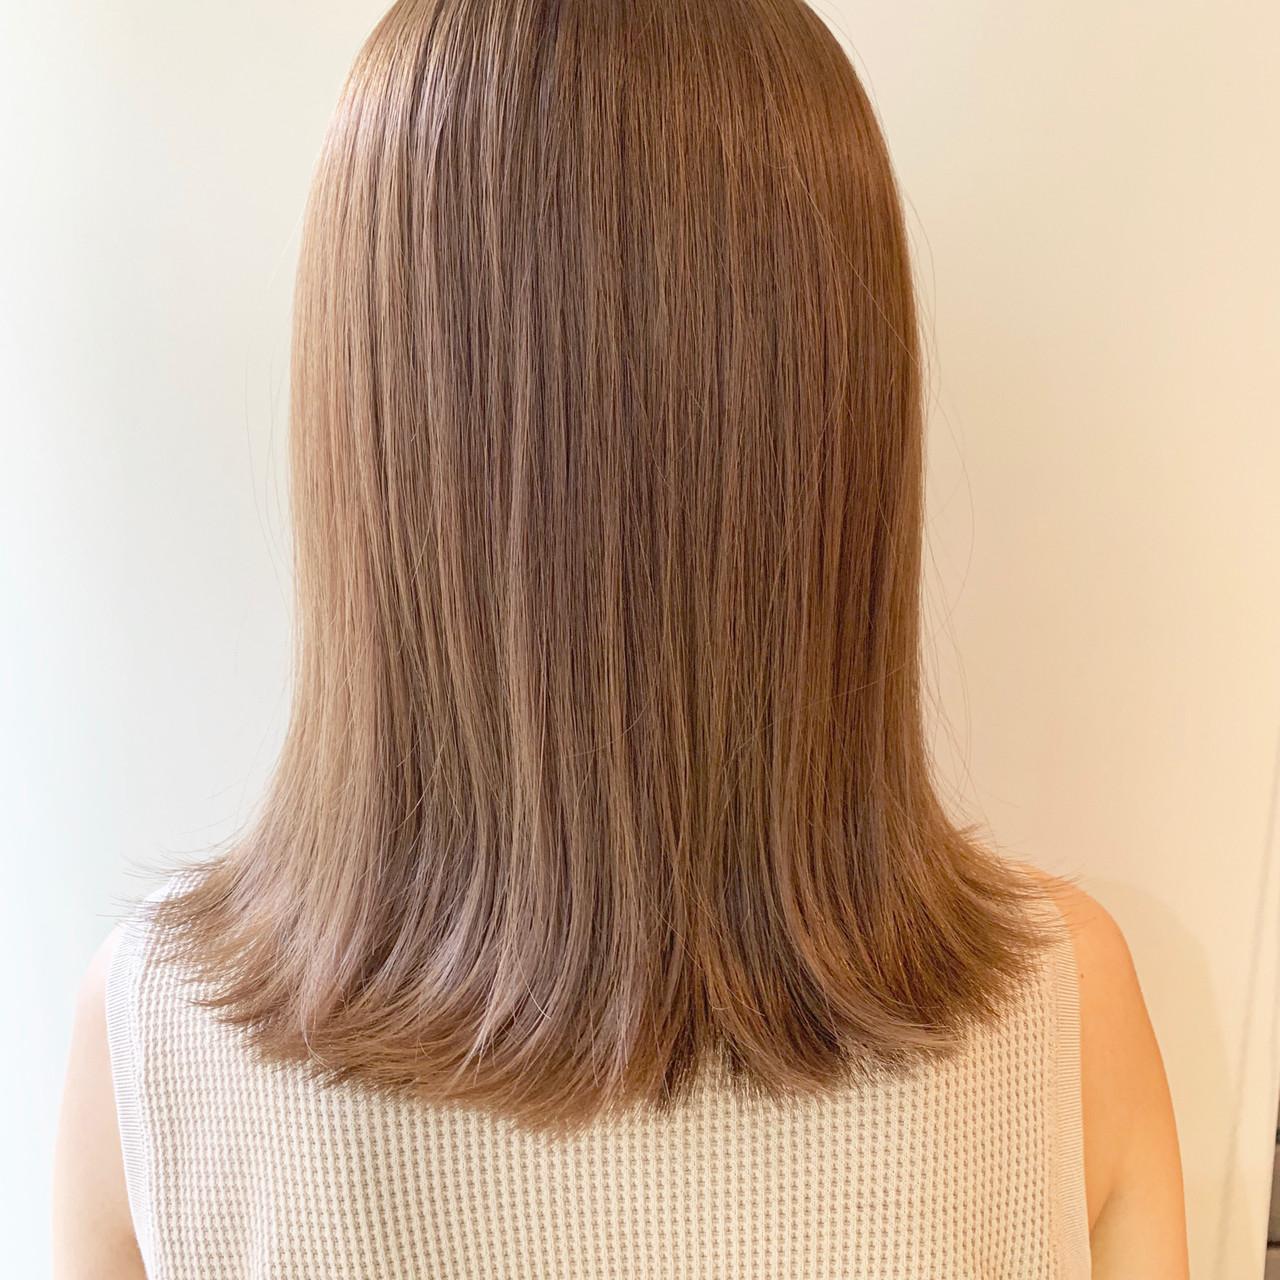 ベージュ ミルクティーベージュ ハイトーン ヌーディーベージュ ヘアスタイルや髪型の写真・画像 | 谷川 健太 / ROVERSI